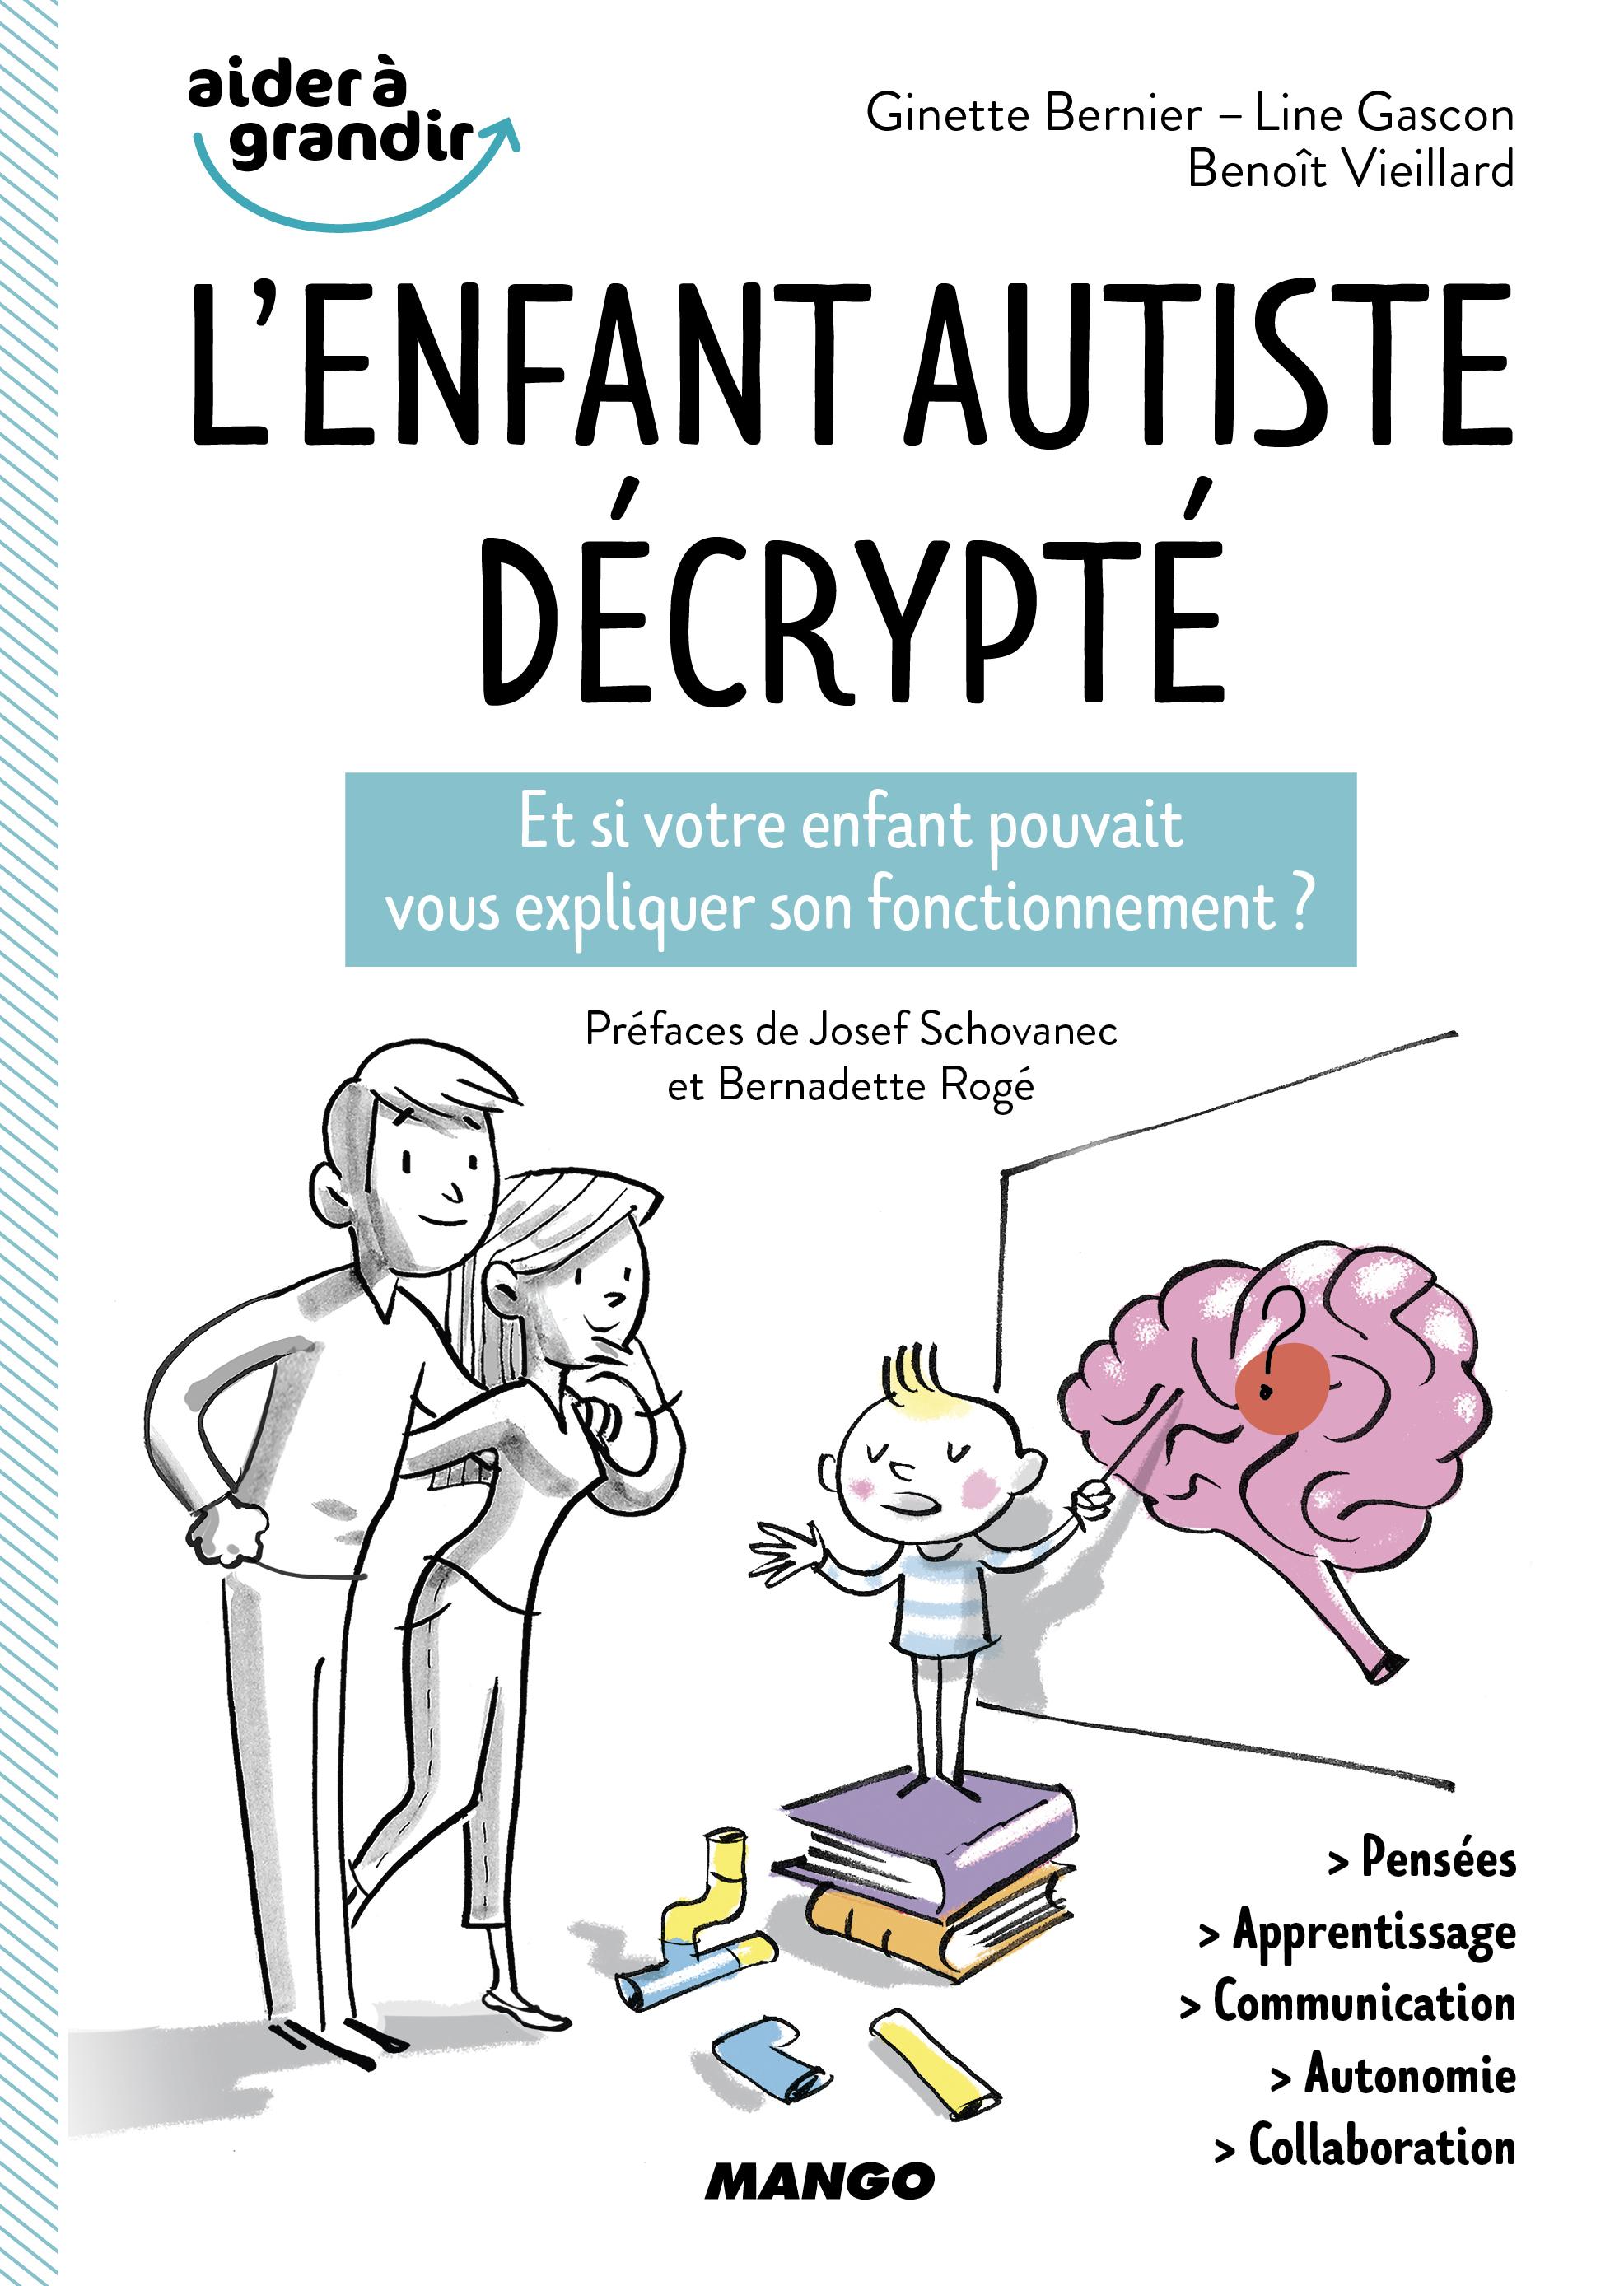 L'ENFANT AUTISTE DECRYPTE